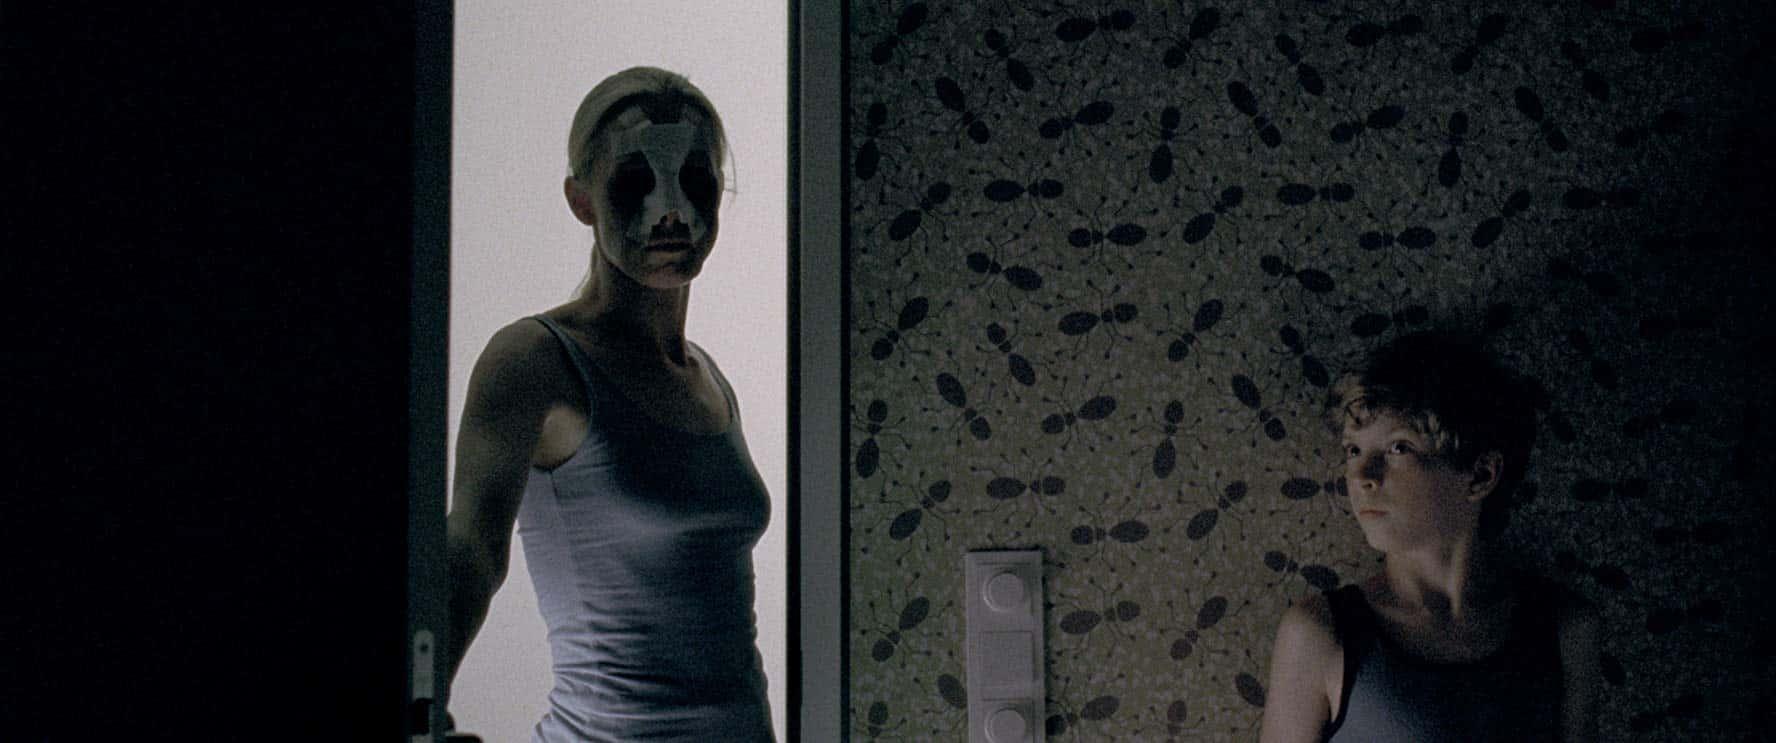 El thriller de terror Goodnight Mommy tendrá remake hollywoodense en 2019